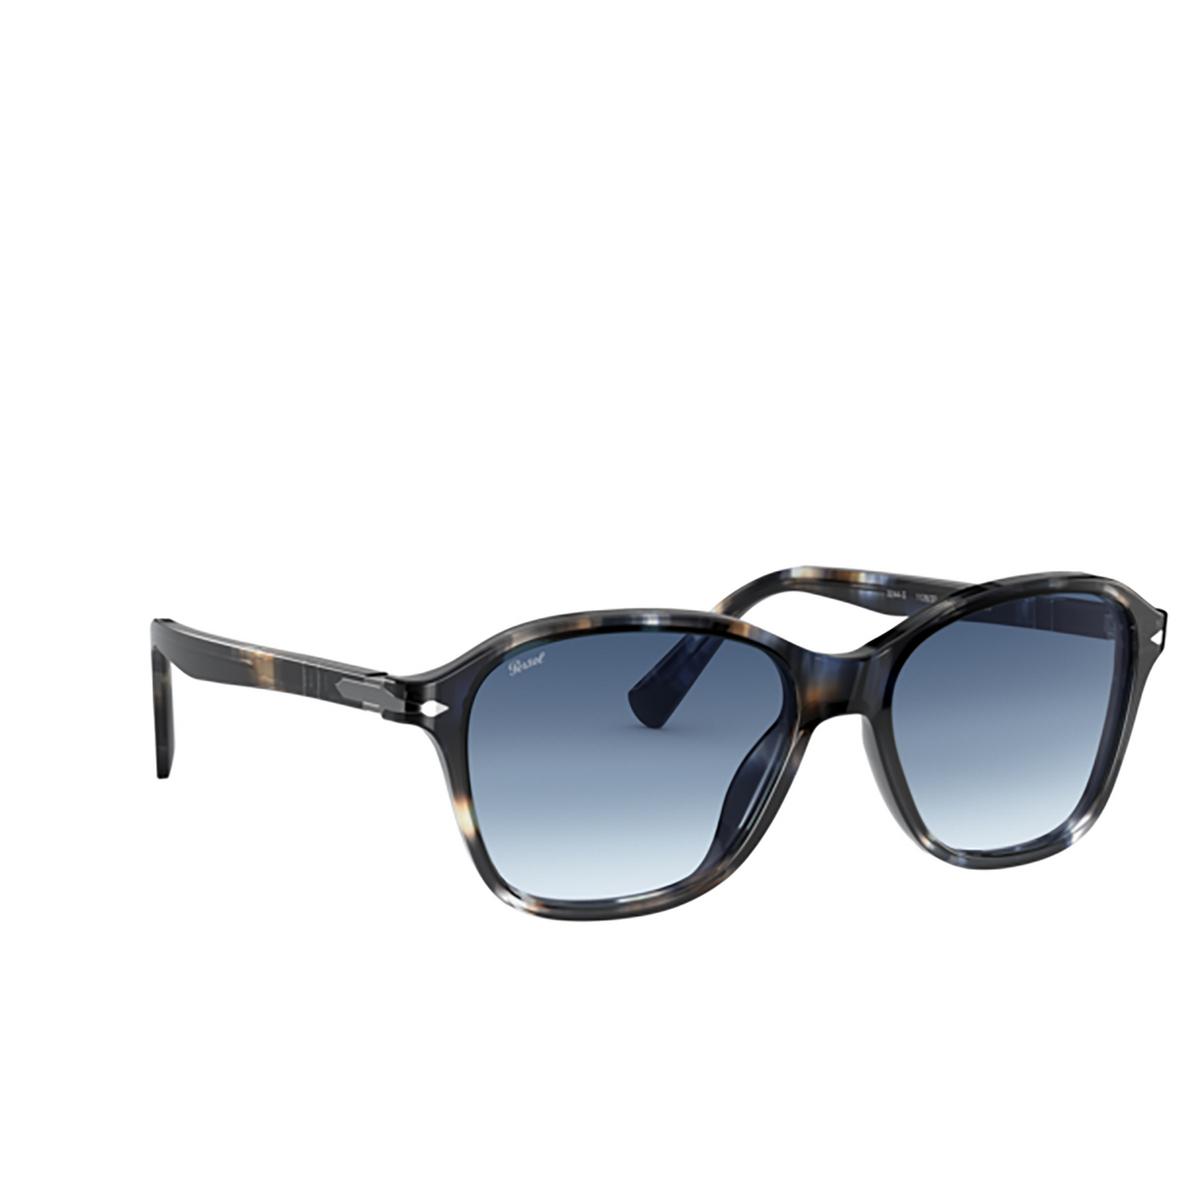 Persol® Square Sunglasses: PO3244S color Striped Blue & Grey 112632 - three-quarters view.